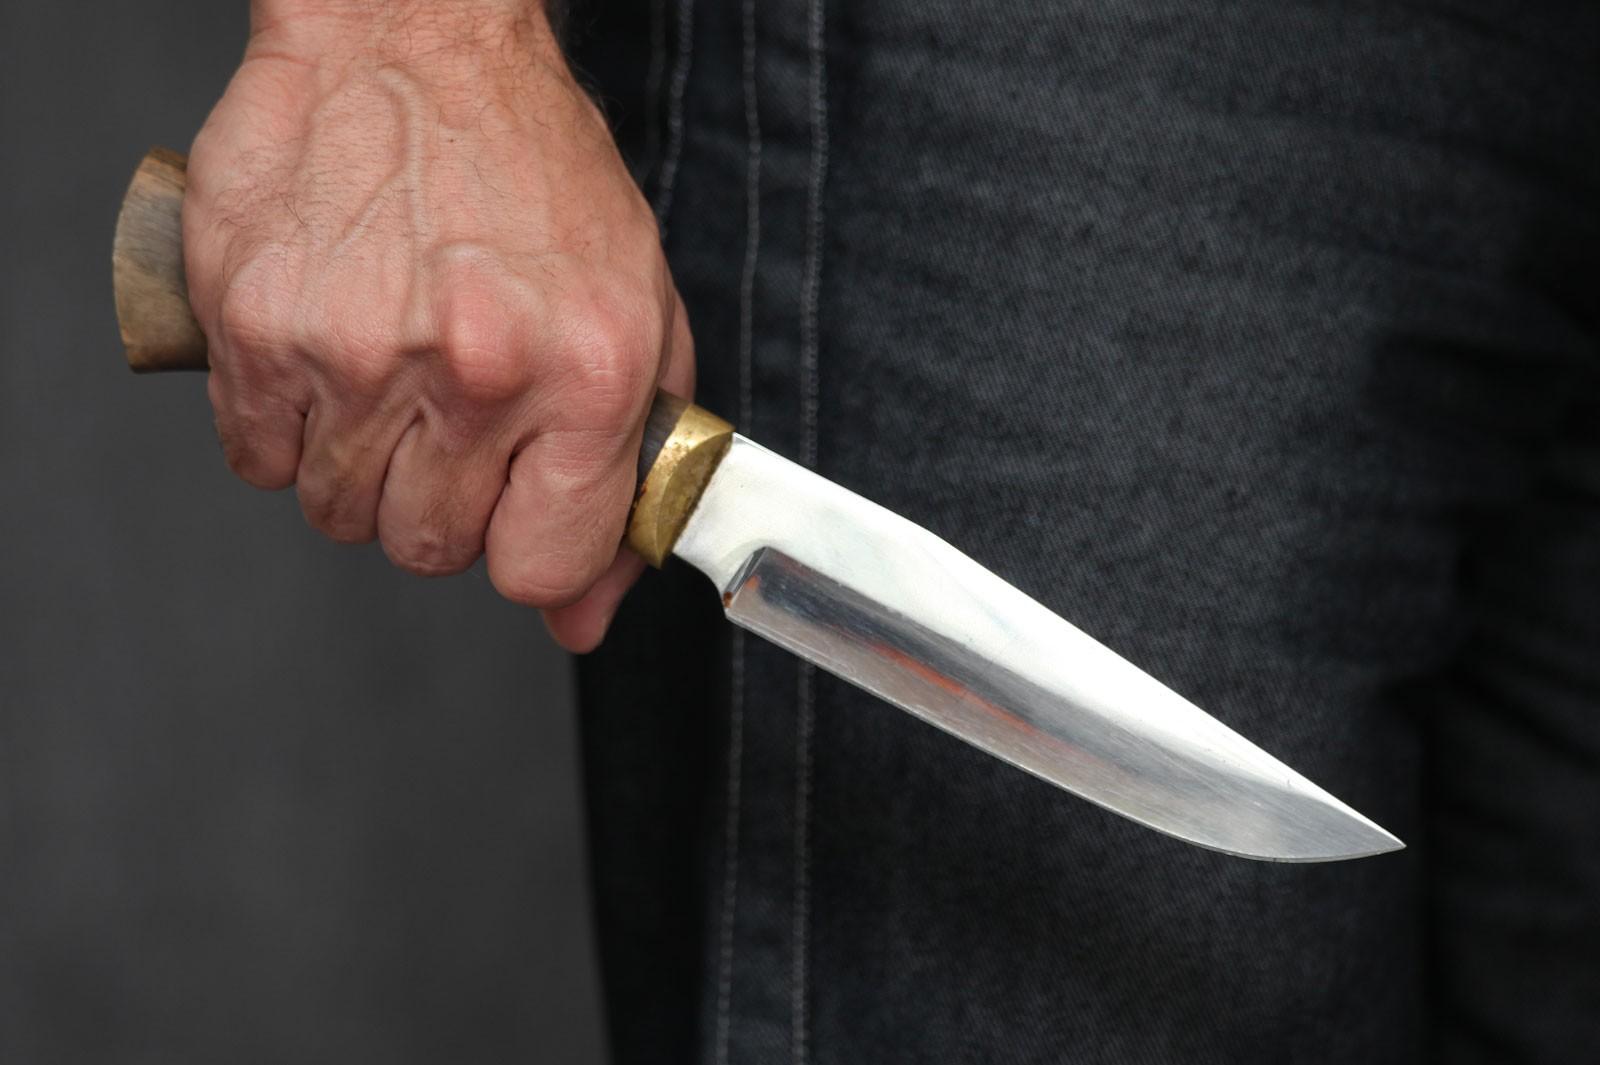 Киселевчанин ранил ножом своего соседа, заподозрив его вкраже воды